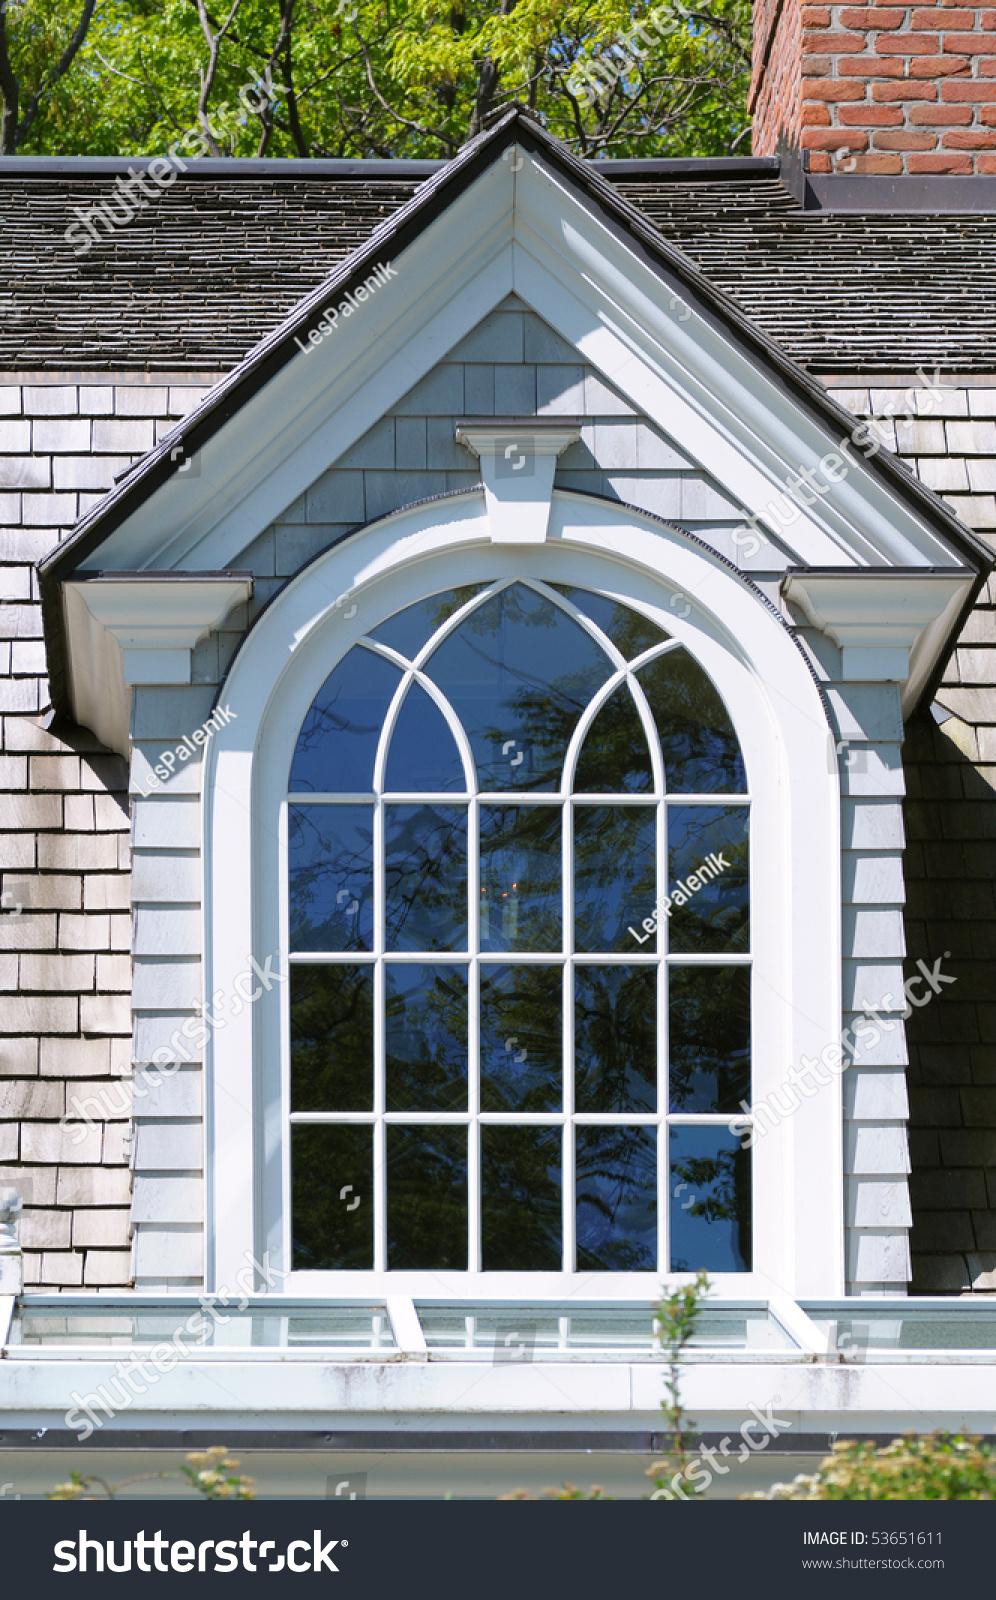 Elegant dormer window stock photo 53651611 shutterstock for Elegant windows